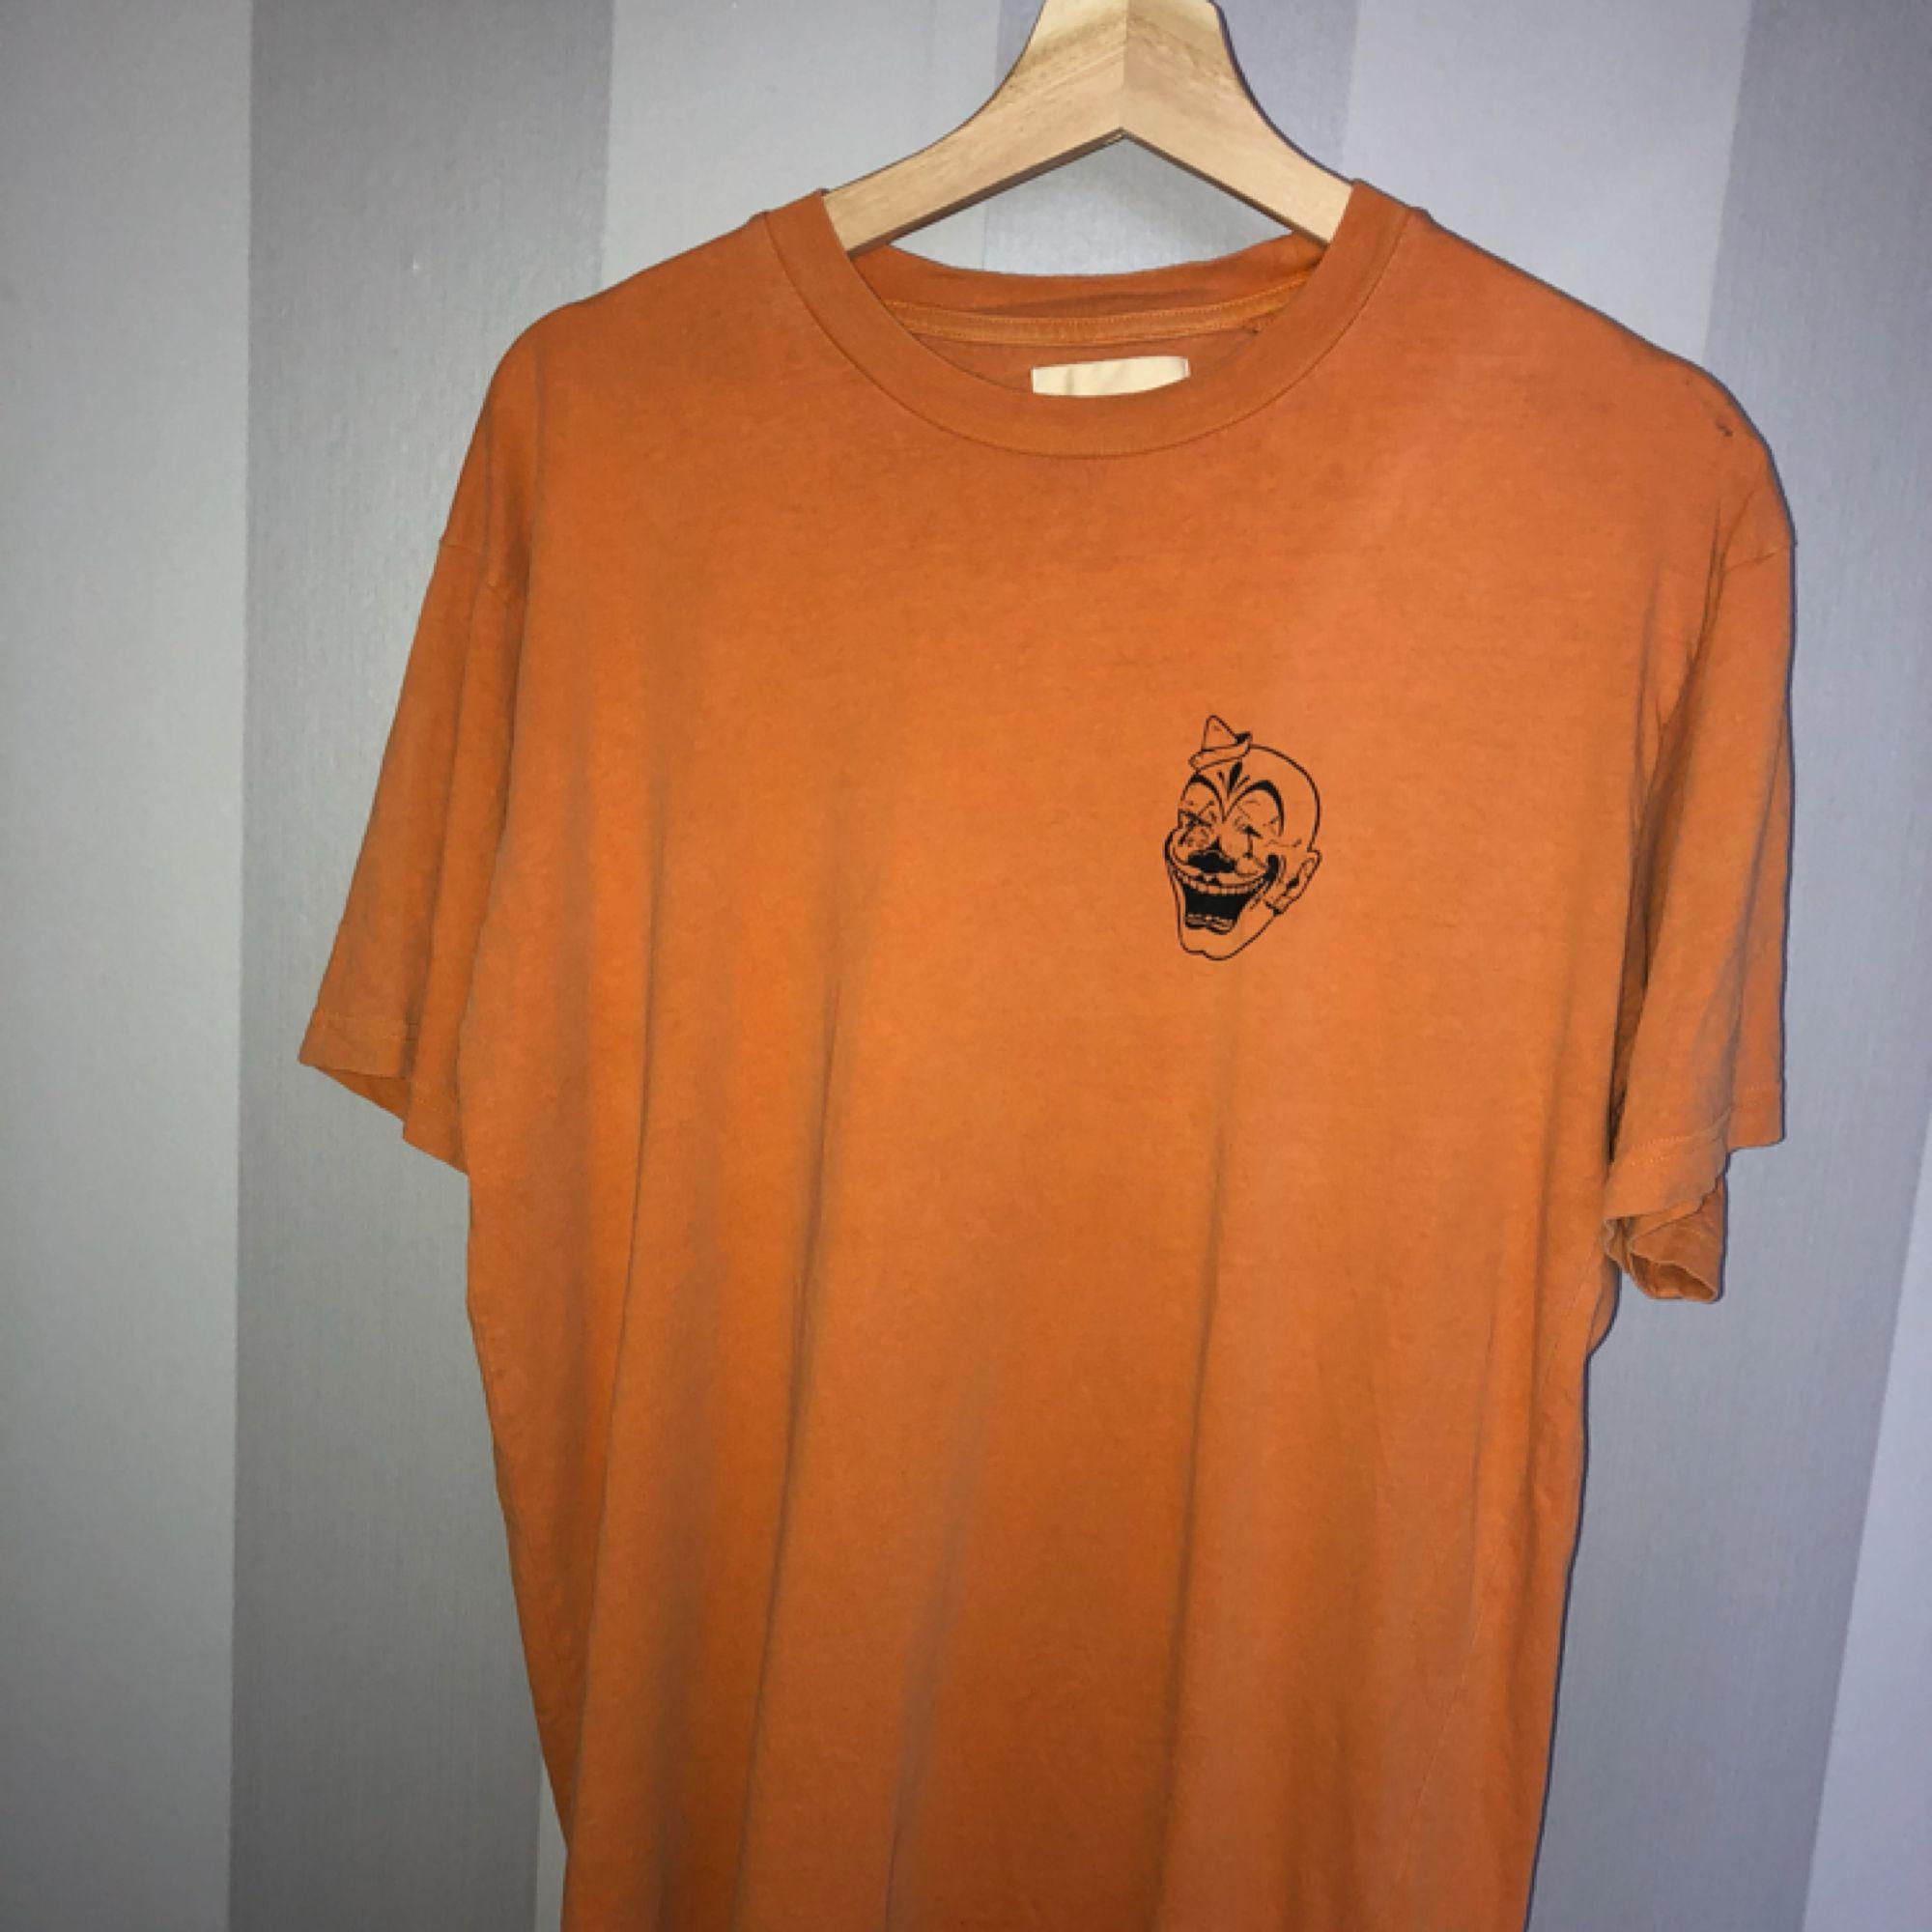 orange t shirt från vailent. sparsamt använd, mest legat i garderoben. en väldigt liten fläck ovanpå vänster axel. nypris 199-299. minns inte riktigt därav priset, hör av dig om du har frågor! :). T-shirts.